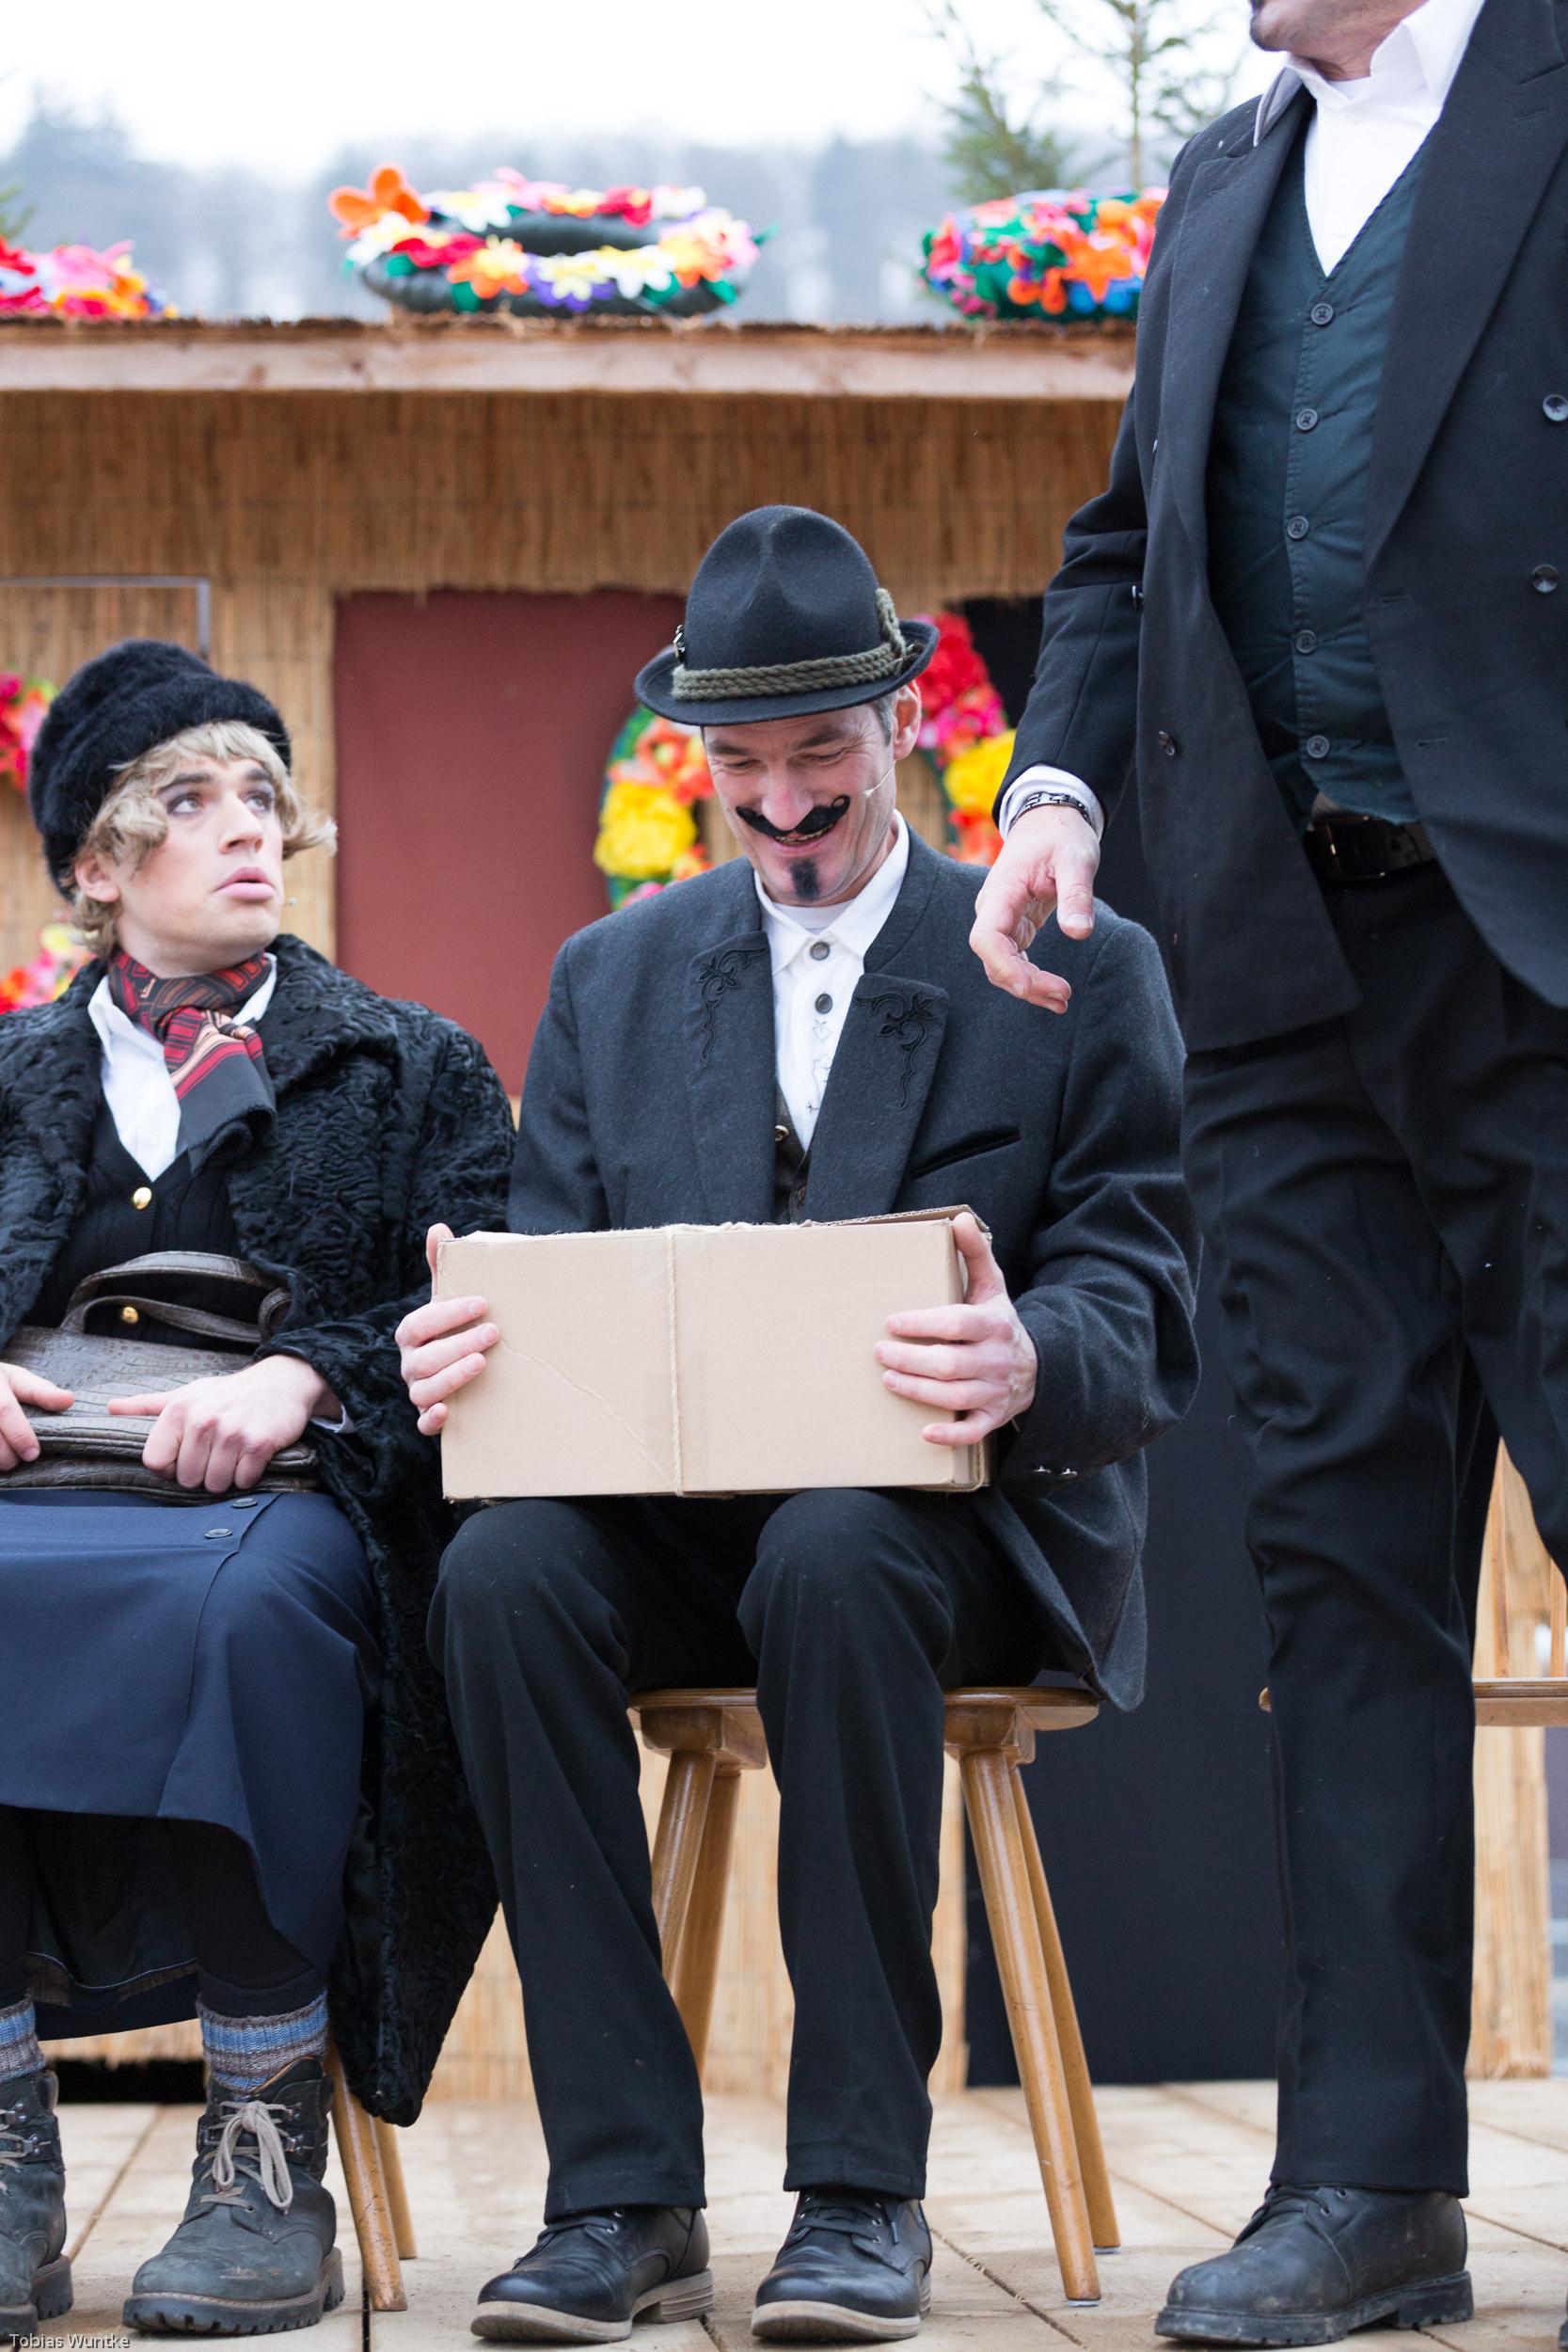 Die Fasnetsspieler empfangen ihr Erbe beim Theater.